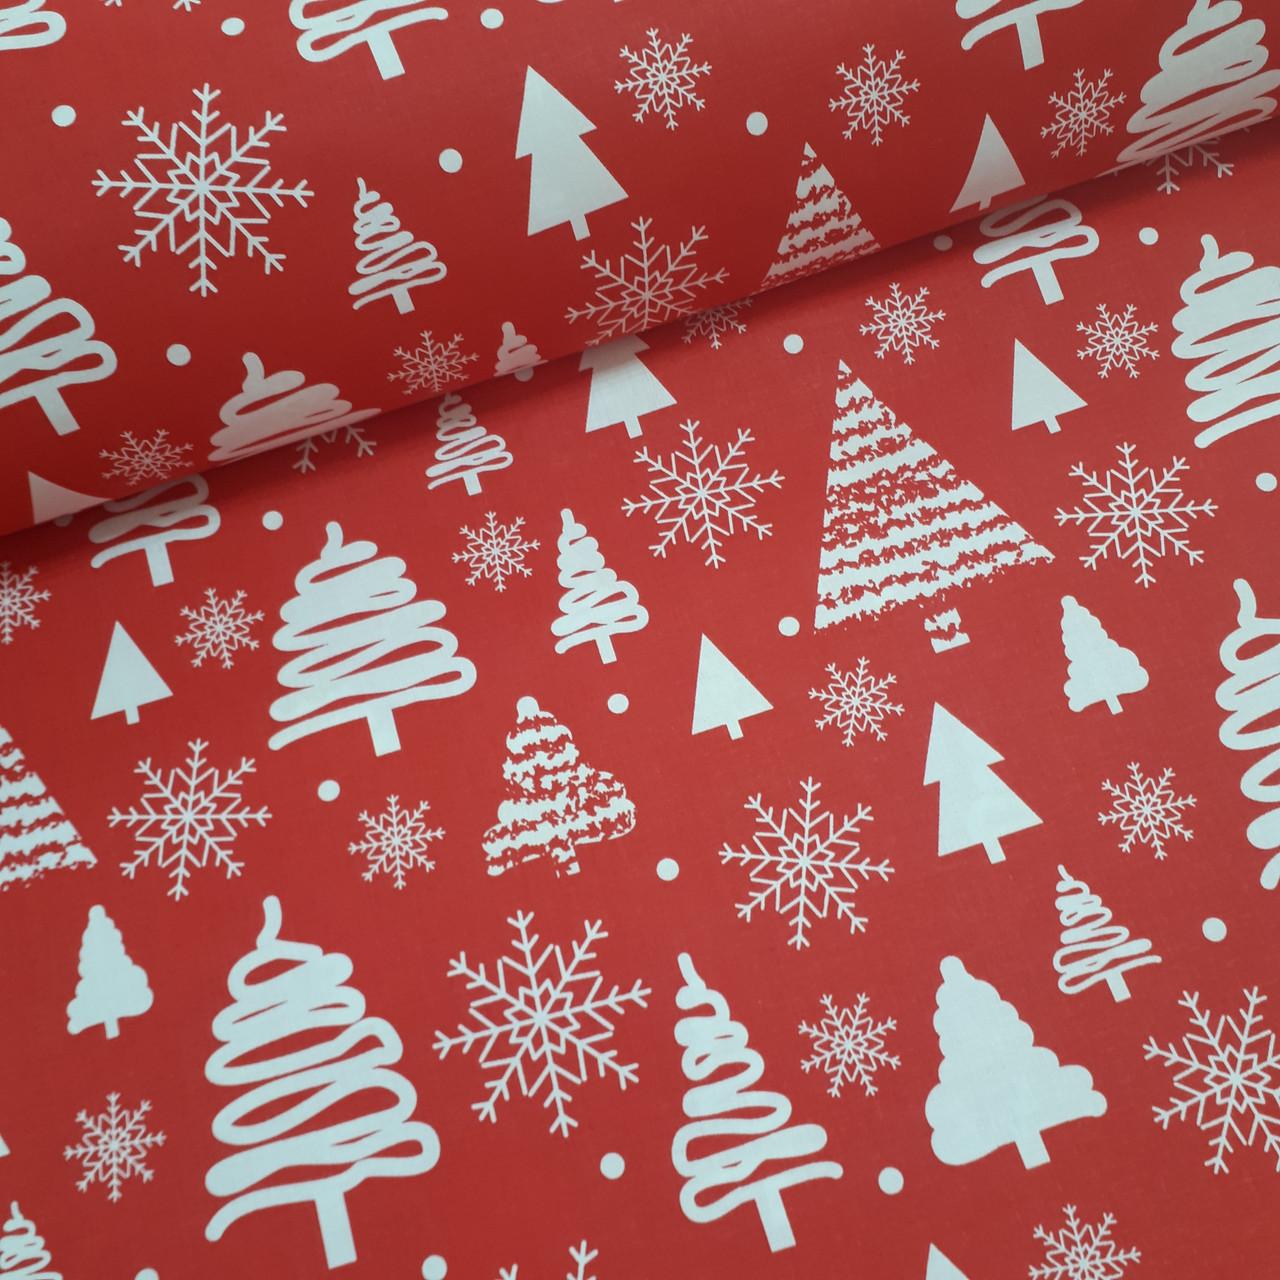 Ткань новогодняя польская хлопковая, белые елочки и снежинки на красном